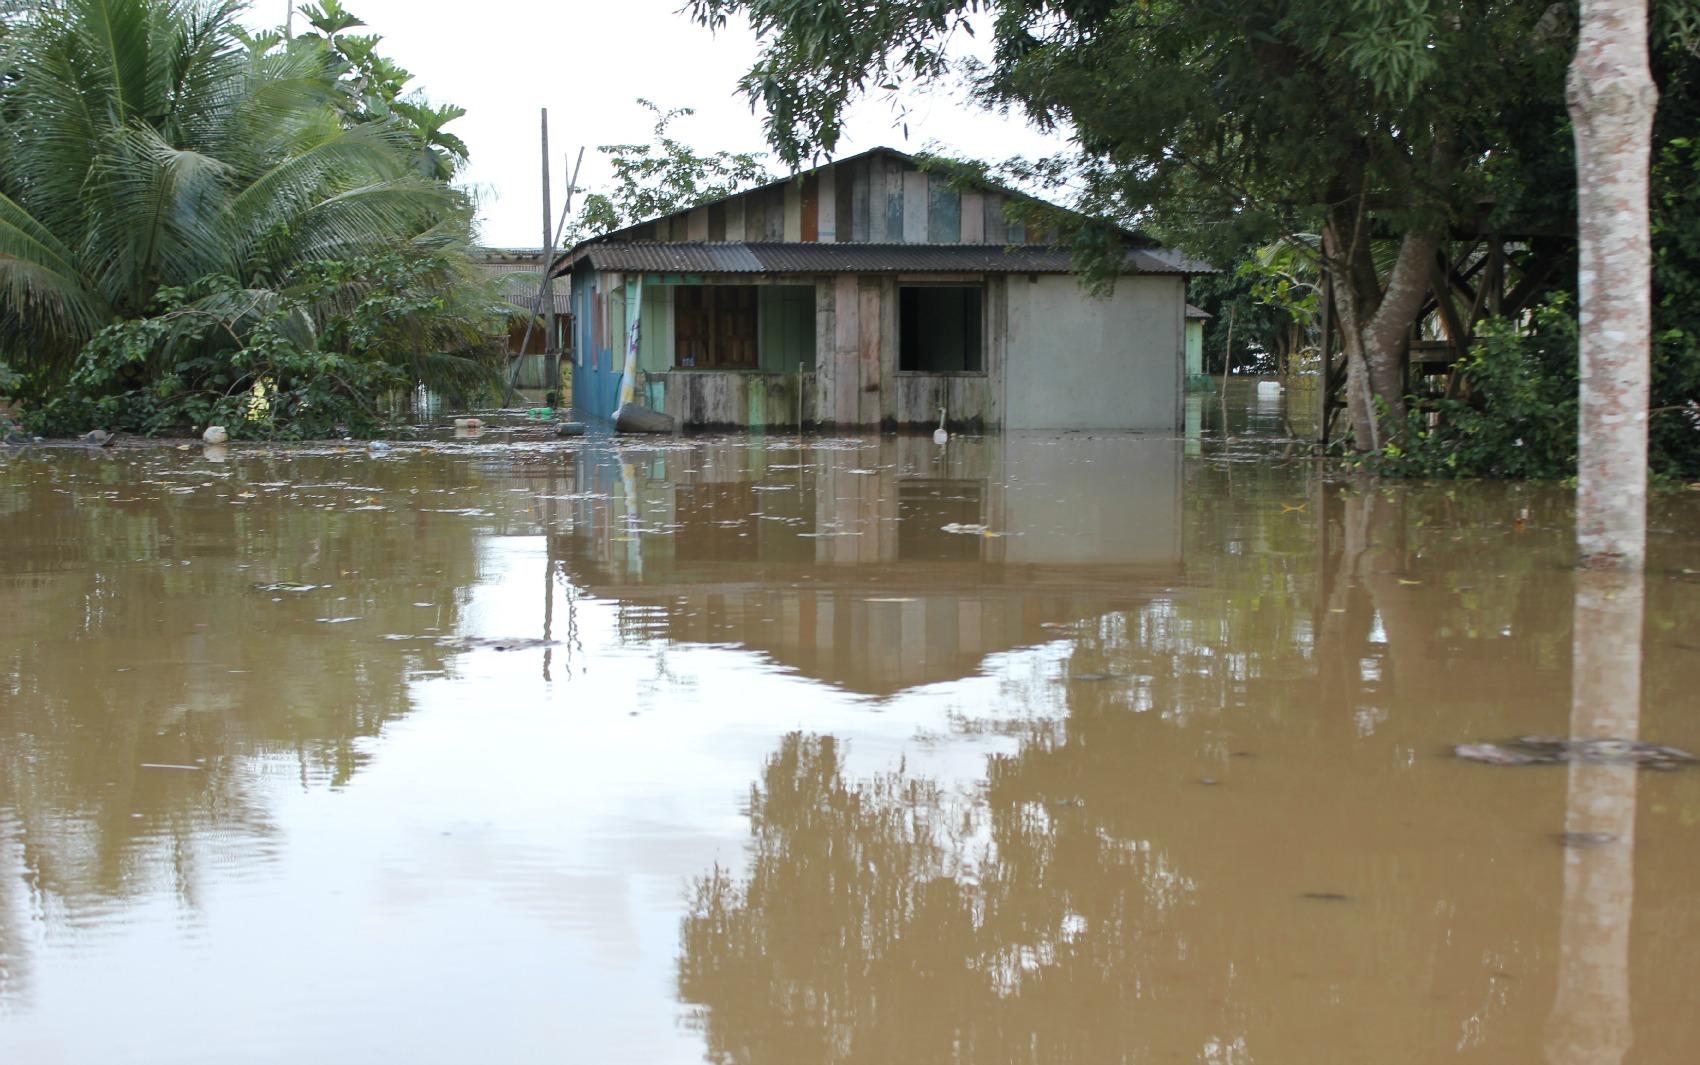 Casa foi tomada por água do rio na Comunidade São Sebastião